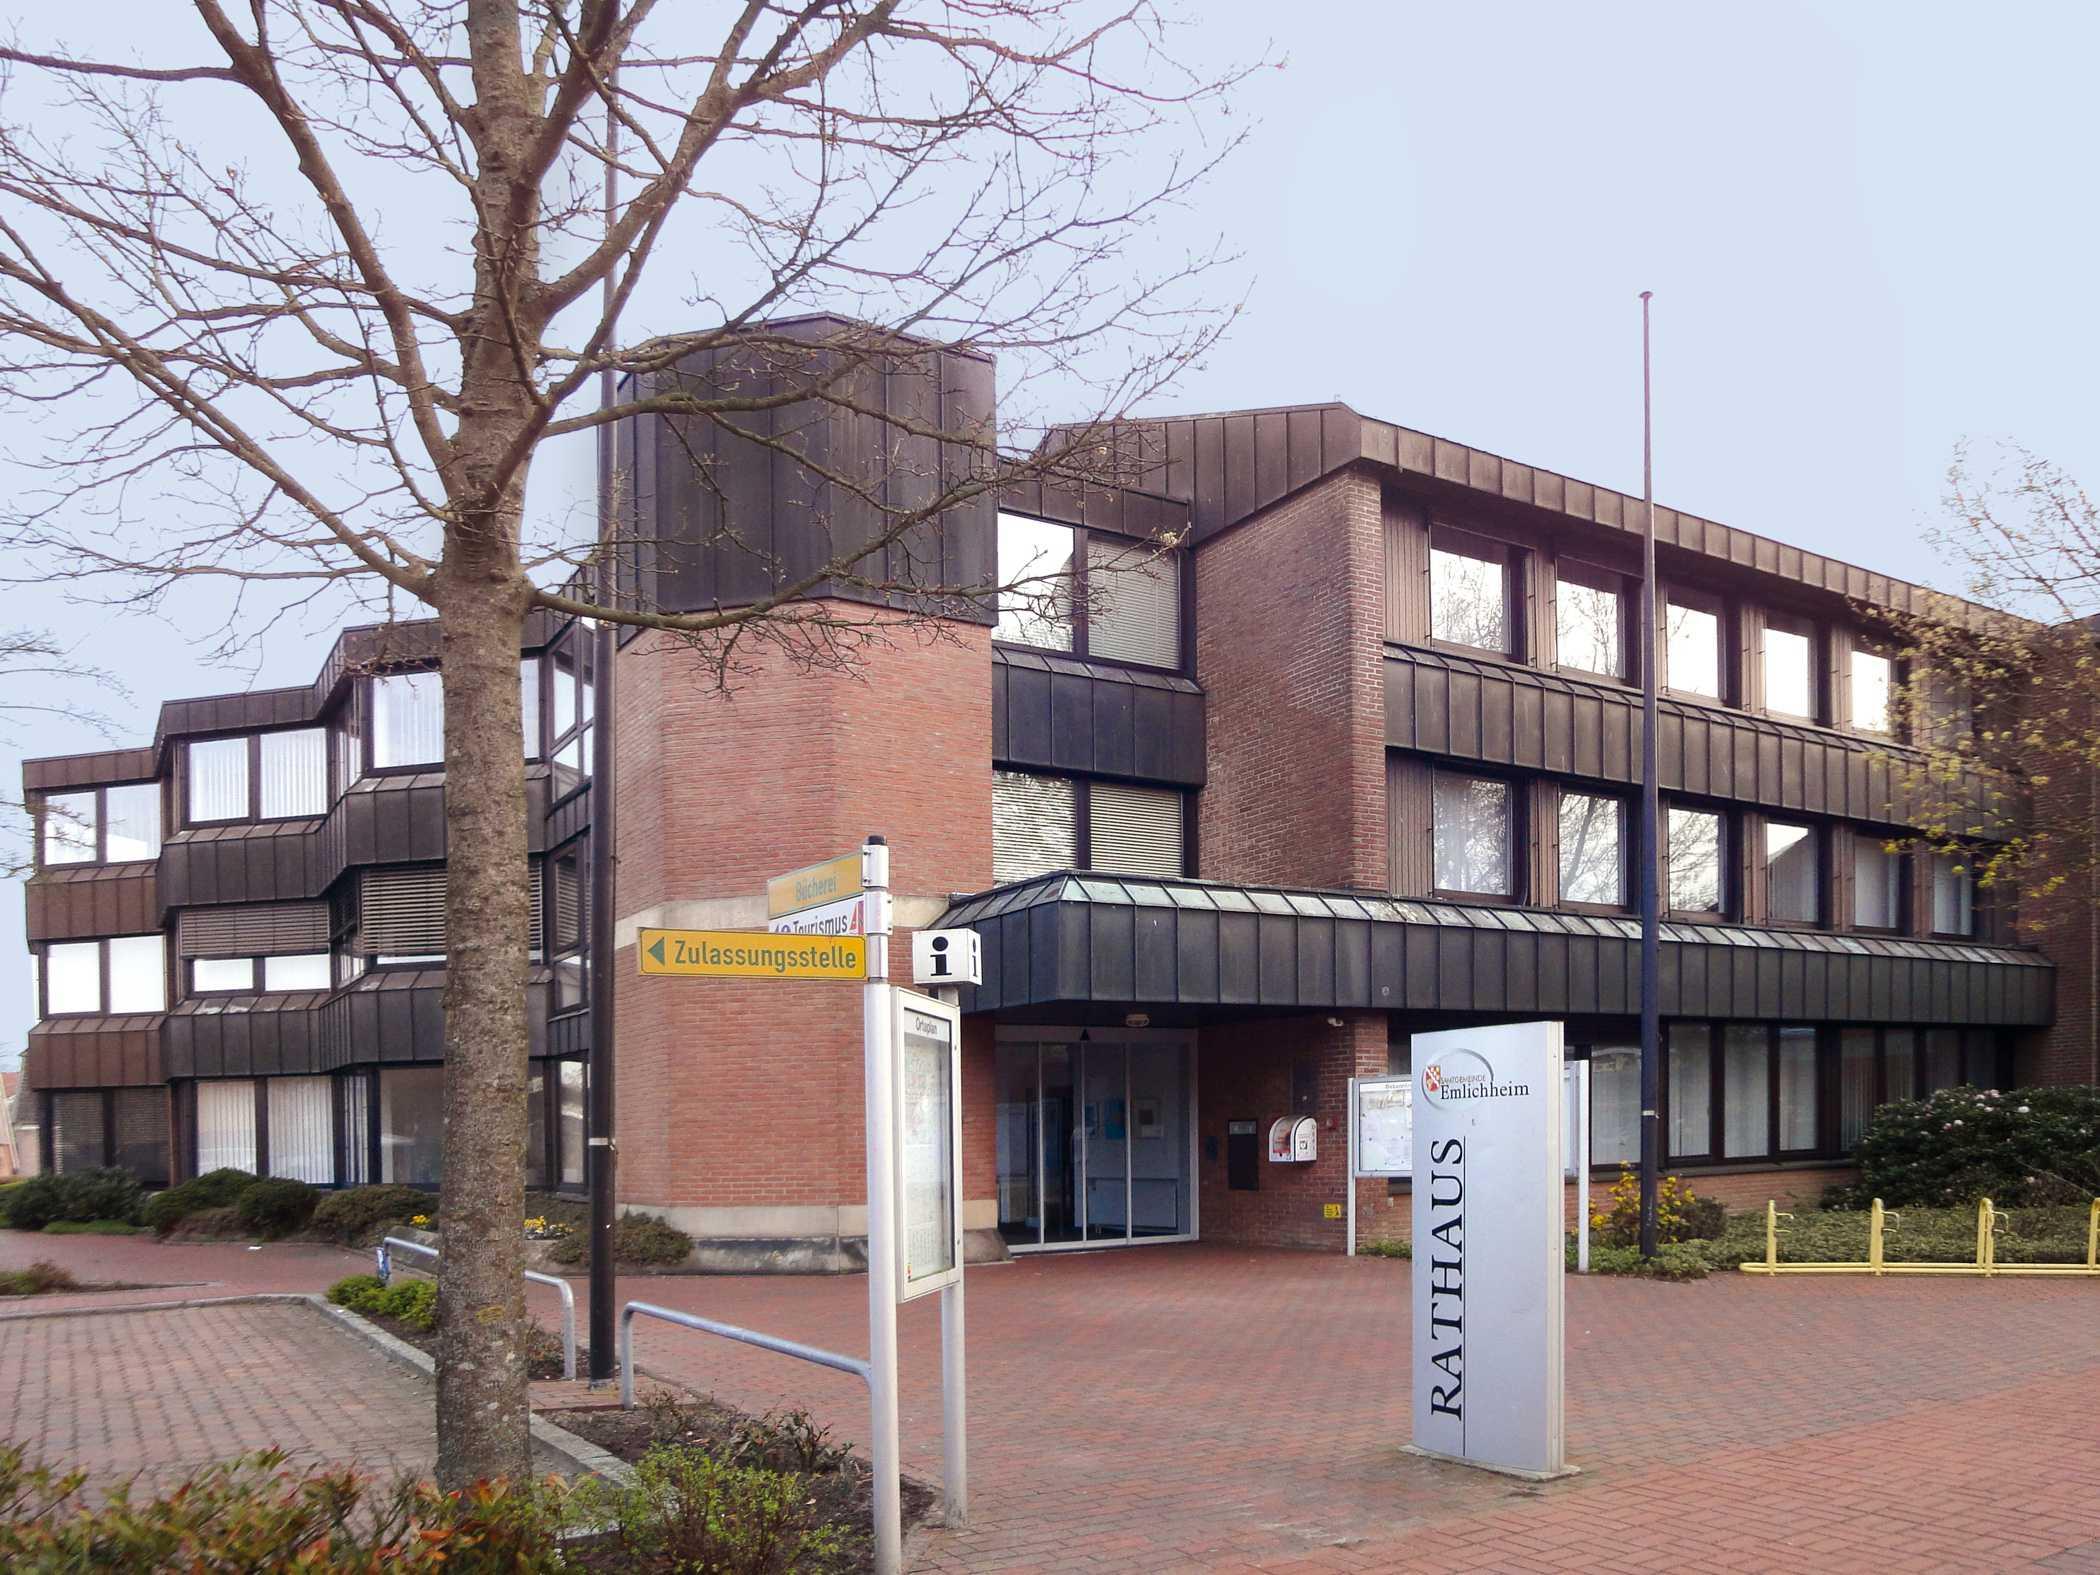 Landkreis osnabrück zulassungsstelle